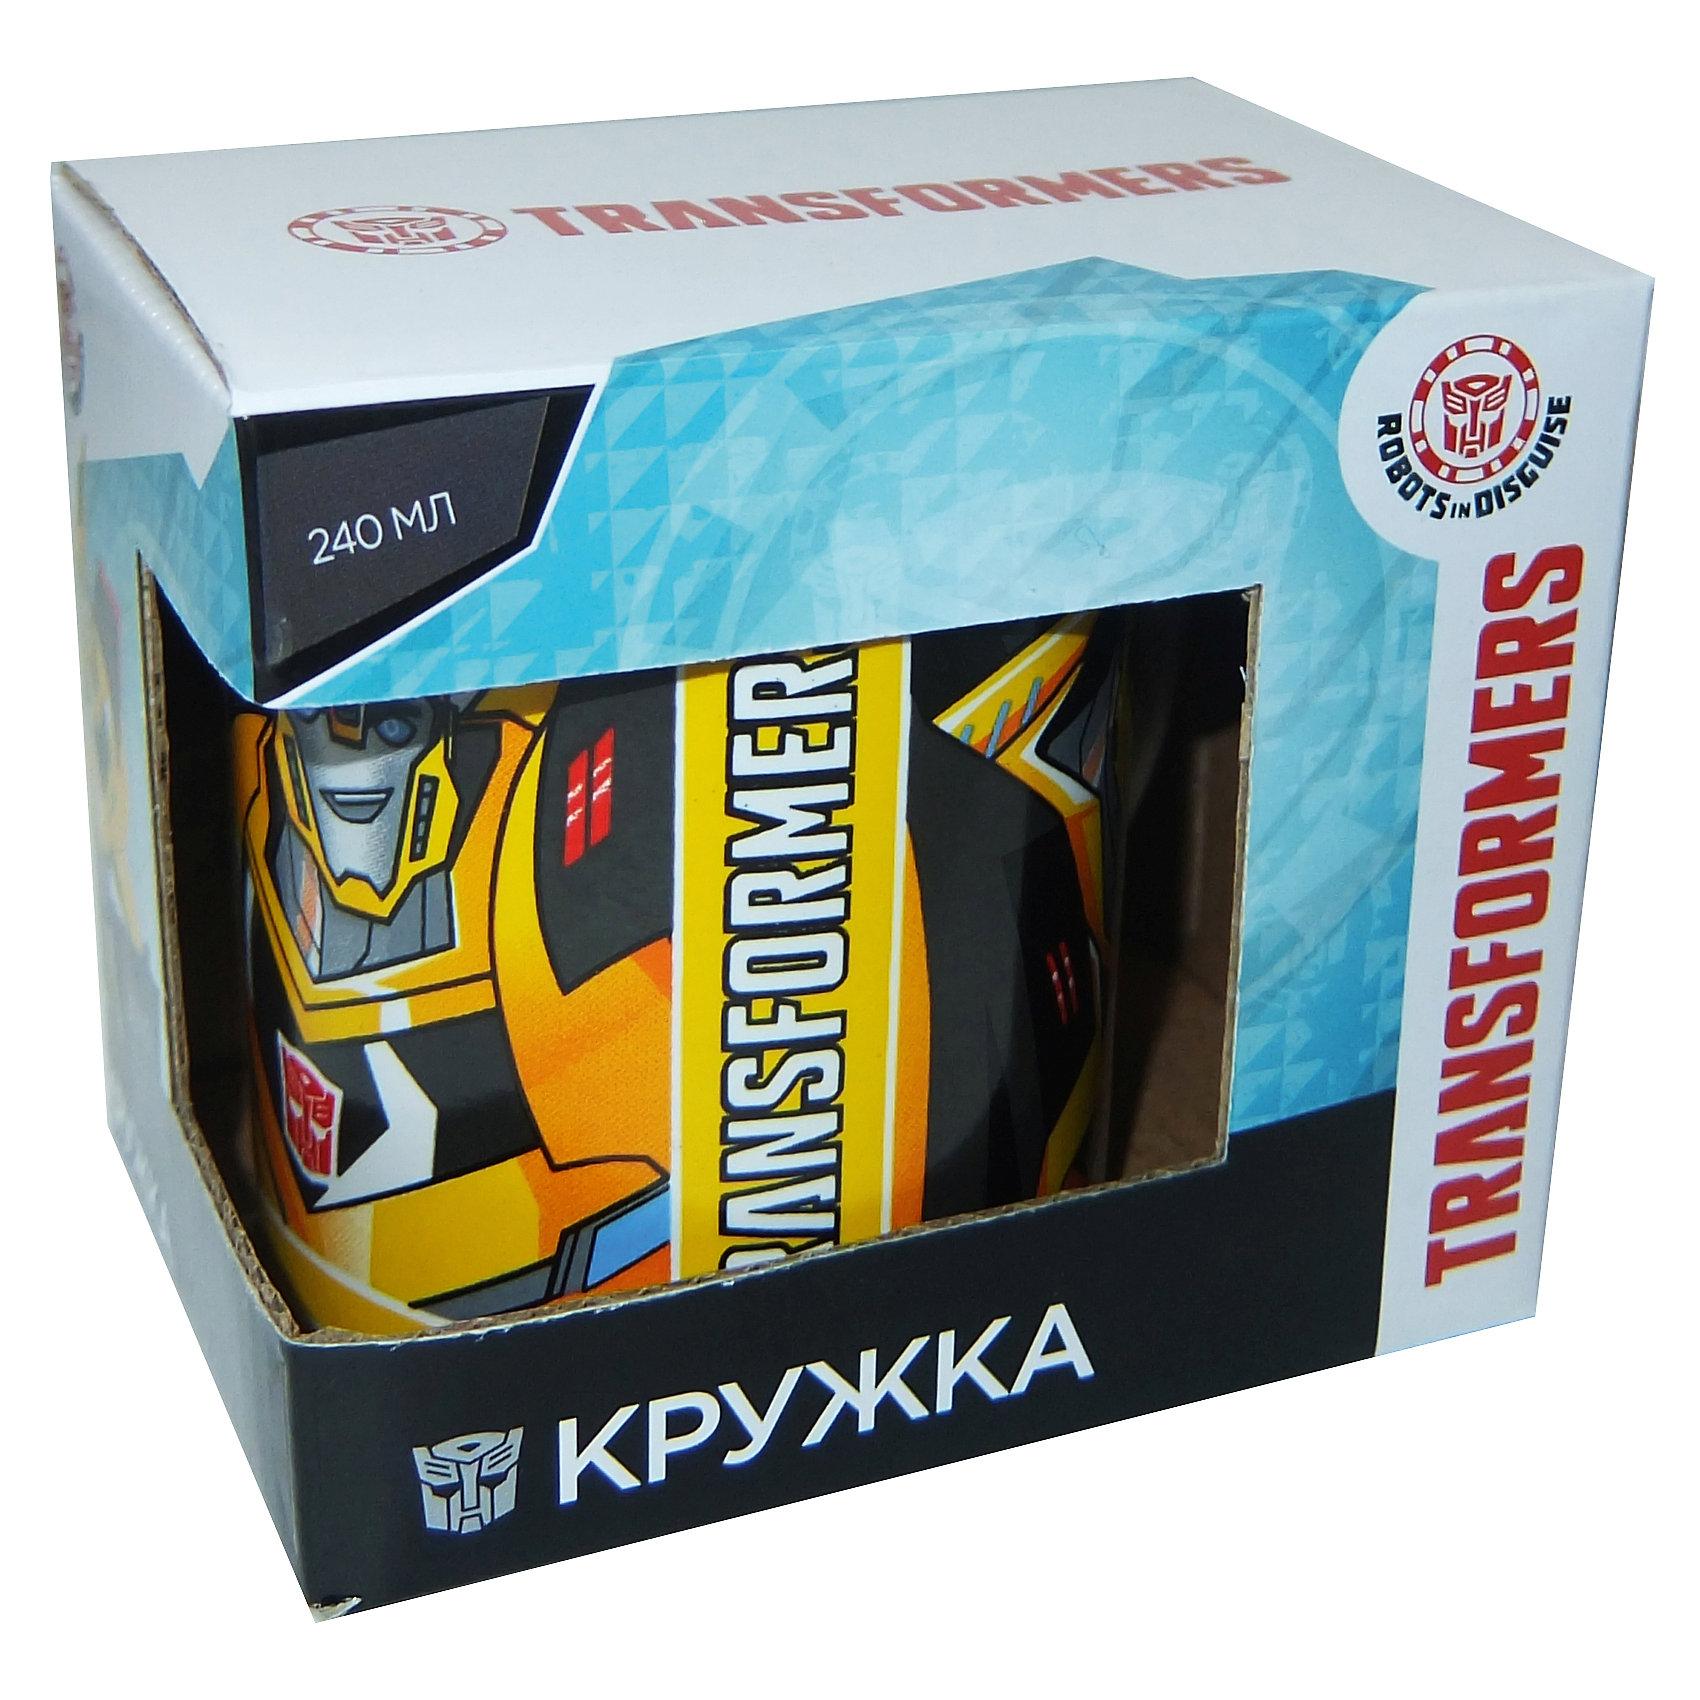 Кружка Transformers Роботы под прикрытием в подарочной упаковке, 240 мл.Посуда<br>Характеристики:<br><br>• Материал: керамика<br>• Тематика рисунка: Трансформеры<br>• Можно использовать для горячих и холодных напитков<br>• Упаковка: подарочная картонная коробка<br>• Объем: 240 мл<br>• Вес: 280 г<br>• Размеры (Д*Ш*В): 12*8,2*9,5 см<br>• Особенности ухода: можно мыть в посудомоечной машине<br><br>Кружка Transformers Роботы под прикрытием в подарочной упаковке, 240 мл выполнена в стильном дизайне: на белый корпус нанесено изображение героев популярного мультсериала Трансформеры. Изображение детально отражает облик экранного прототипа, устойчиво к появлению царапин, не выцветает при частом мытье. <br><br>Кружку Transformers Роботы под прикрытием в подарочной упаковке, 240 мл можно купить в нашем интернет-магазине.<br><br>Ширина мм: 120<br>Глубина мм: 82<br>Высота мм: 95<br>Вес г: 280<br>Возраст от месяцев: 36<br>Возраст до месяцев: 1188<br>Пол: Мужской<br>Возраст: Детский<br>SKU: 6849974